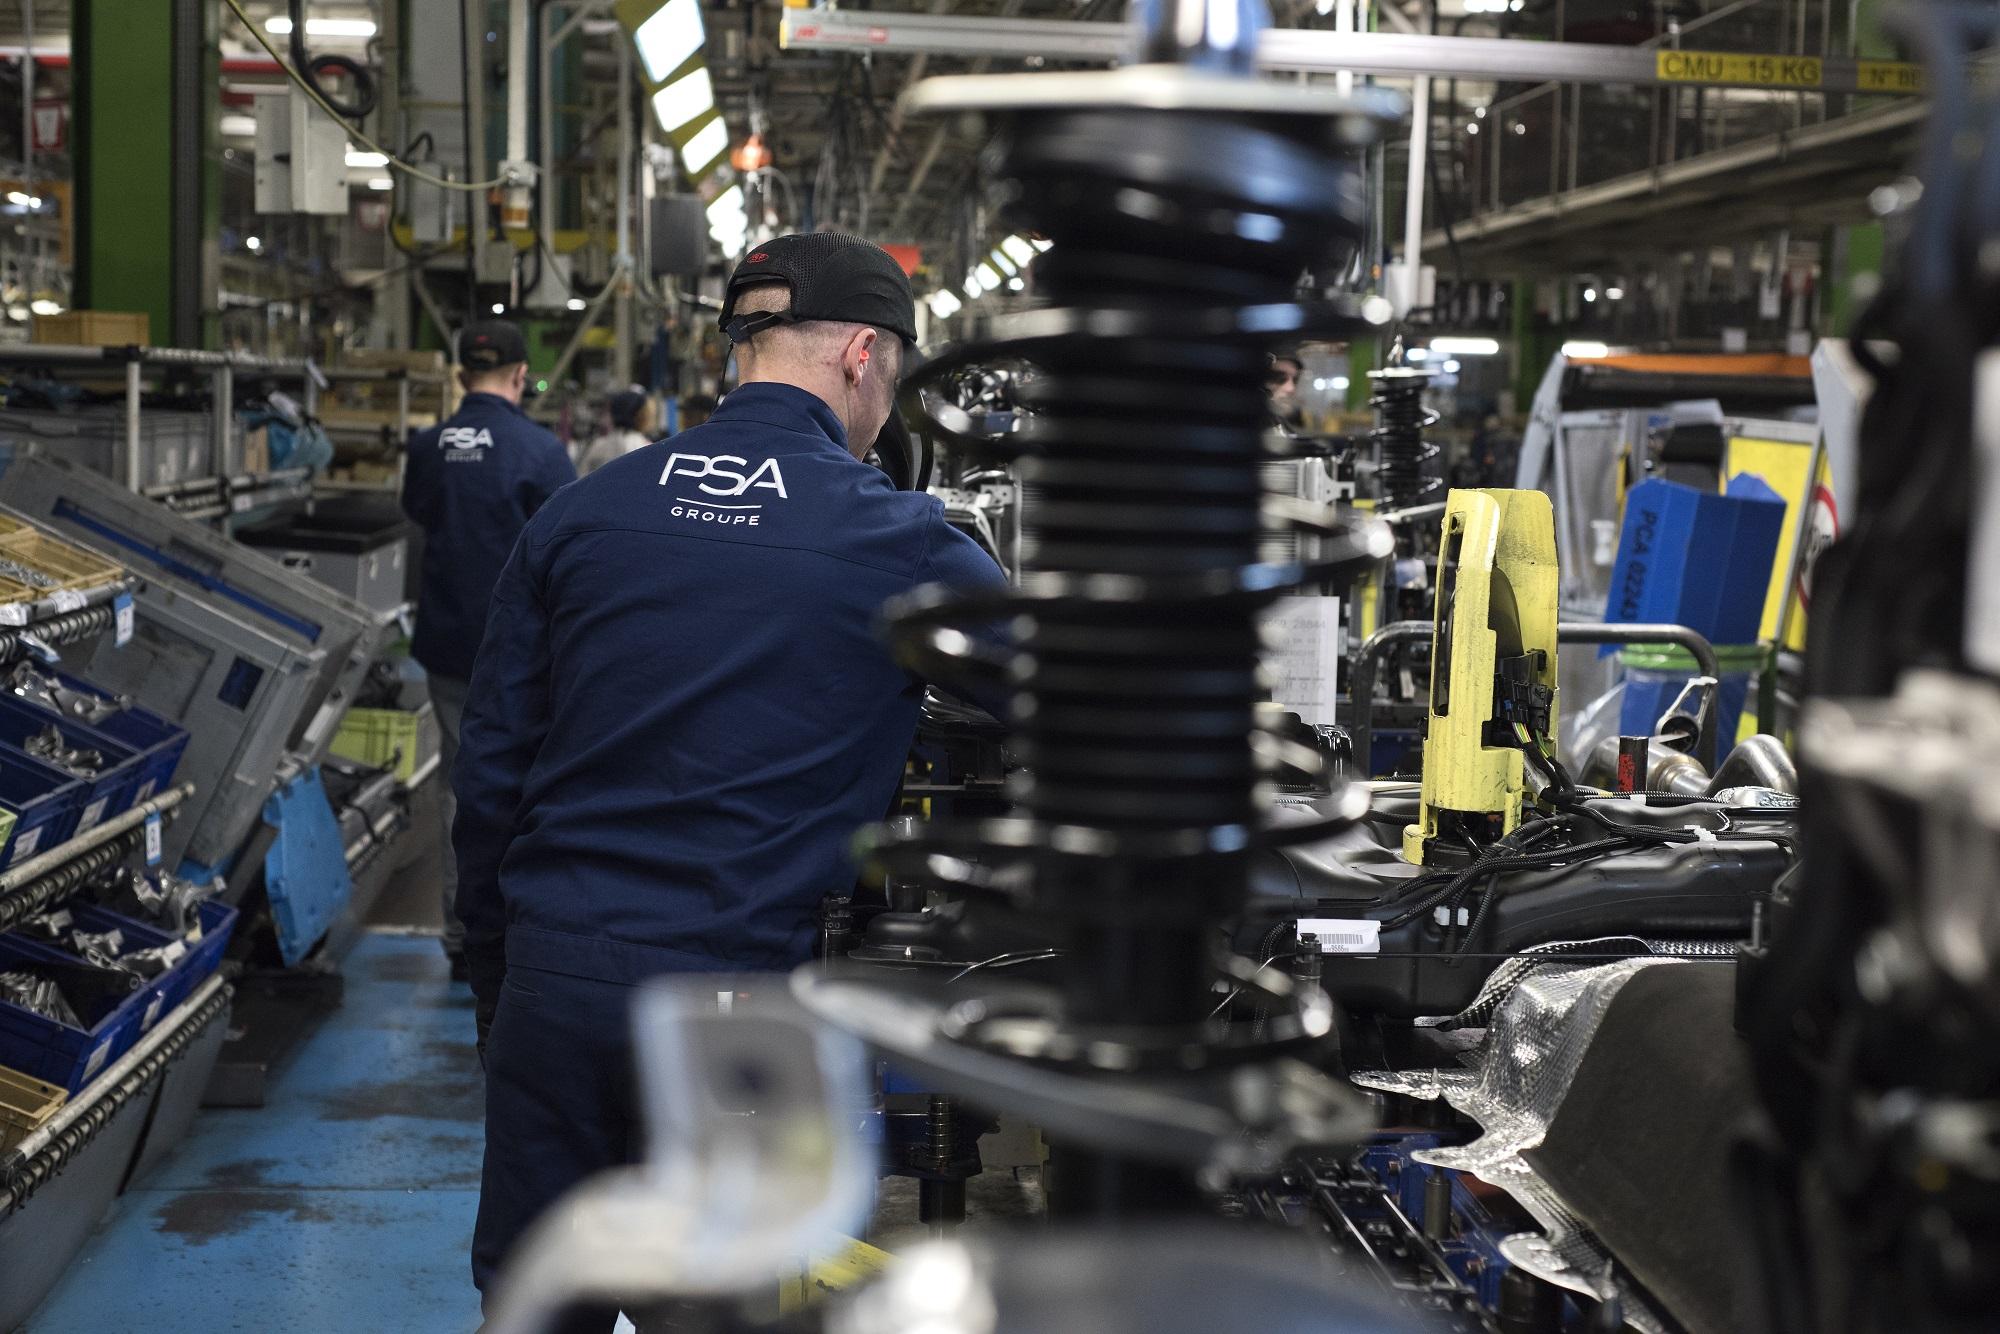 Le montage à l'usine de Sochaux. Photo Groupe PSA, Communication Sochaux -Jean-François Lamy